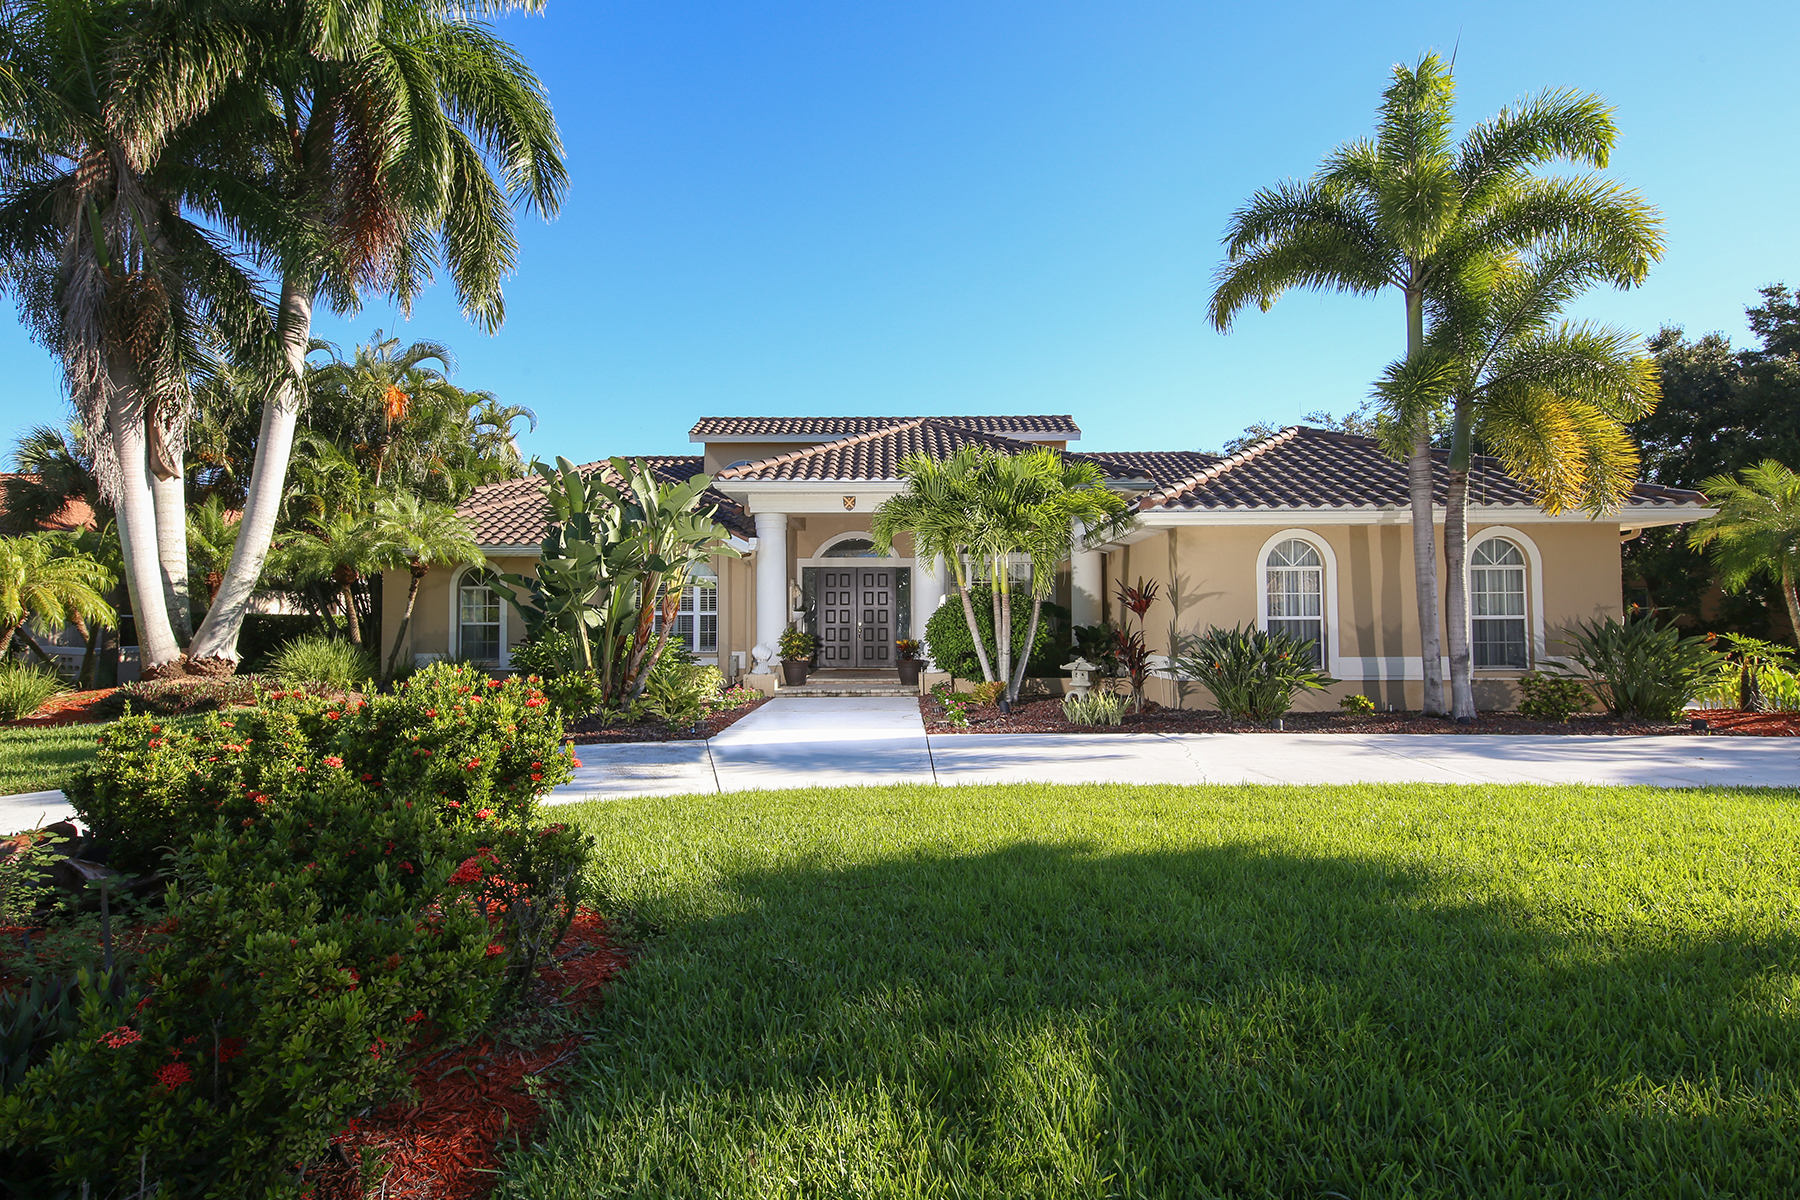 단독 가정 주택 용 매매 에 PRESTANCIA 3799 Boca Pointe Dr Sarasota, 플로리다, 34238 미국